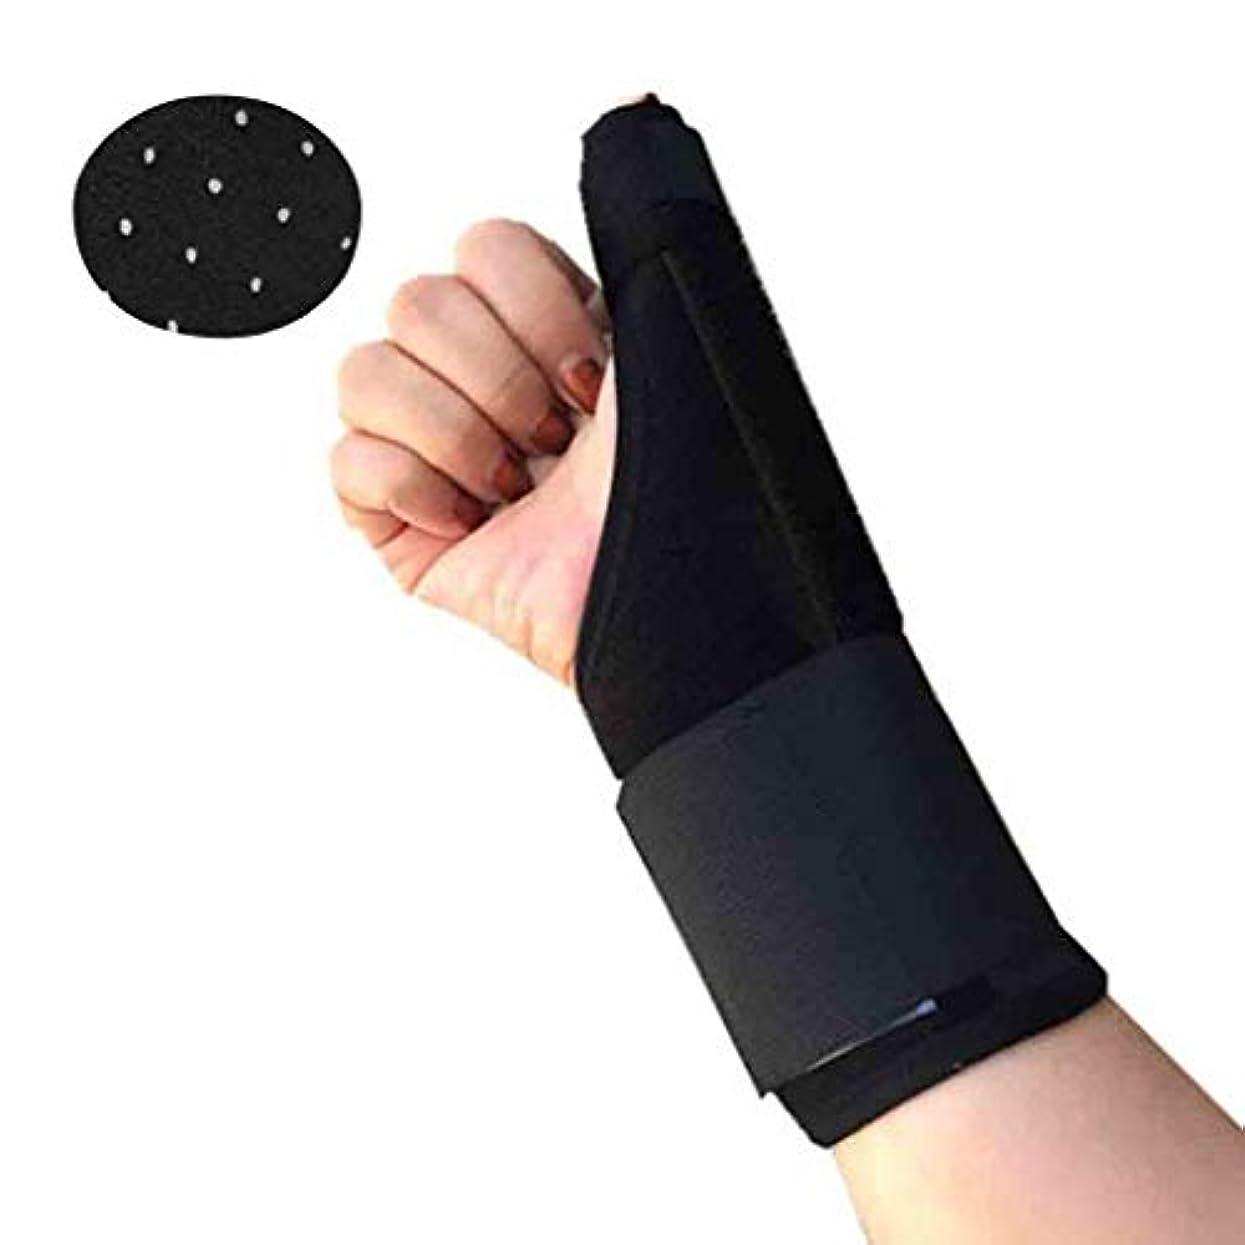 高揚したパイ掻く関節炎のThumbスプリントは、手根管トンネルのThumb関節Thumbブレースを固定する手首の痛みの救済は、右手と左手の両方にフィット Roscloud@